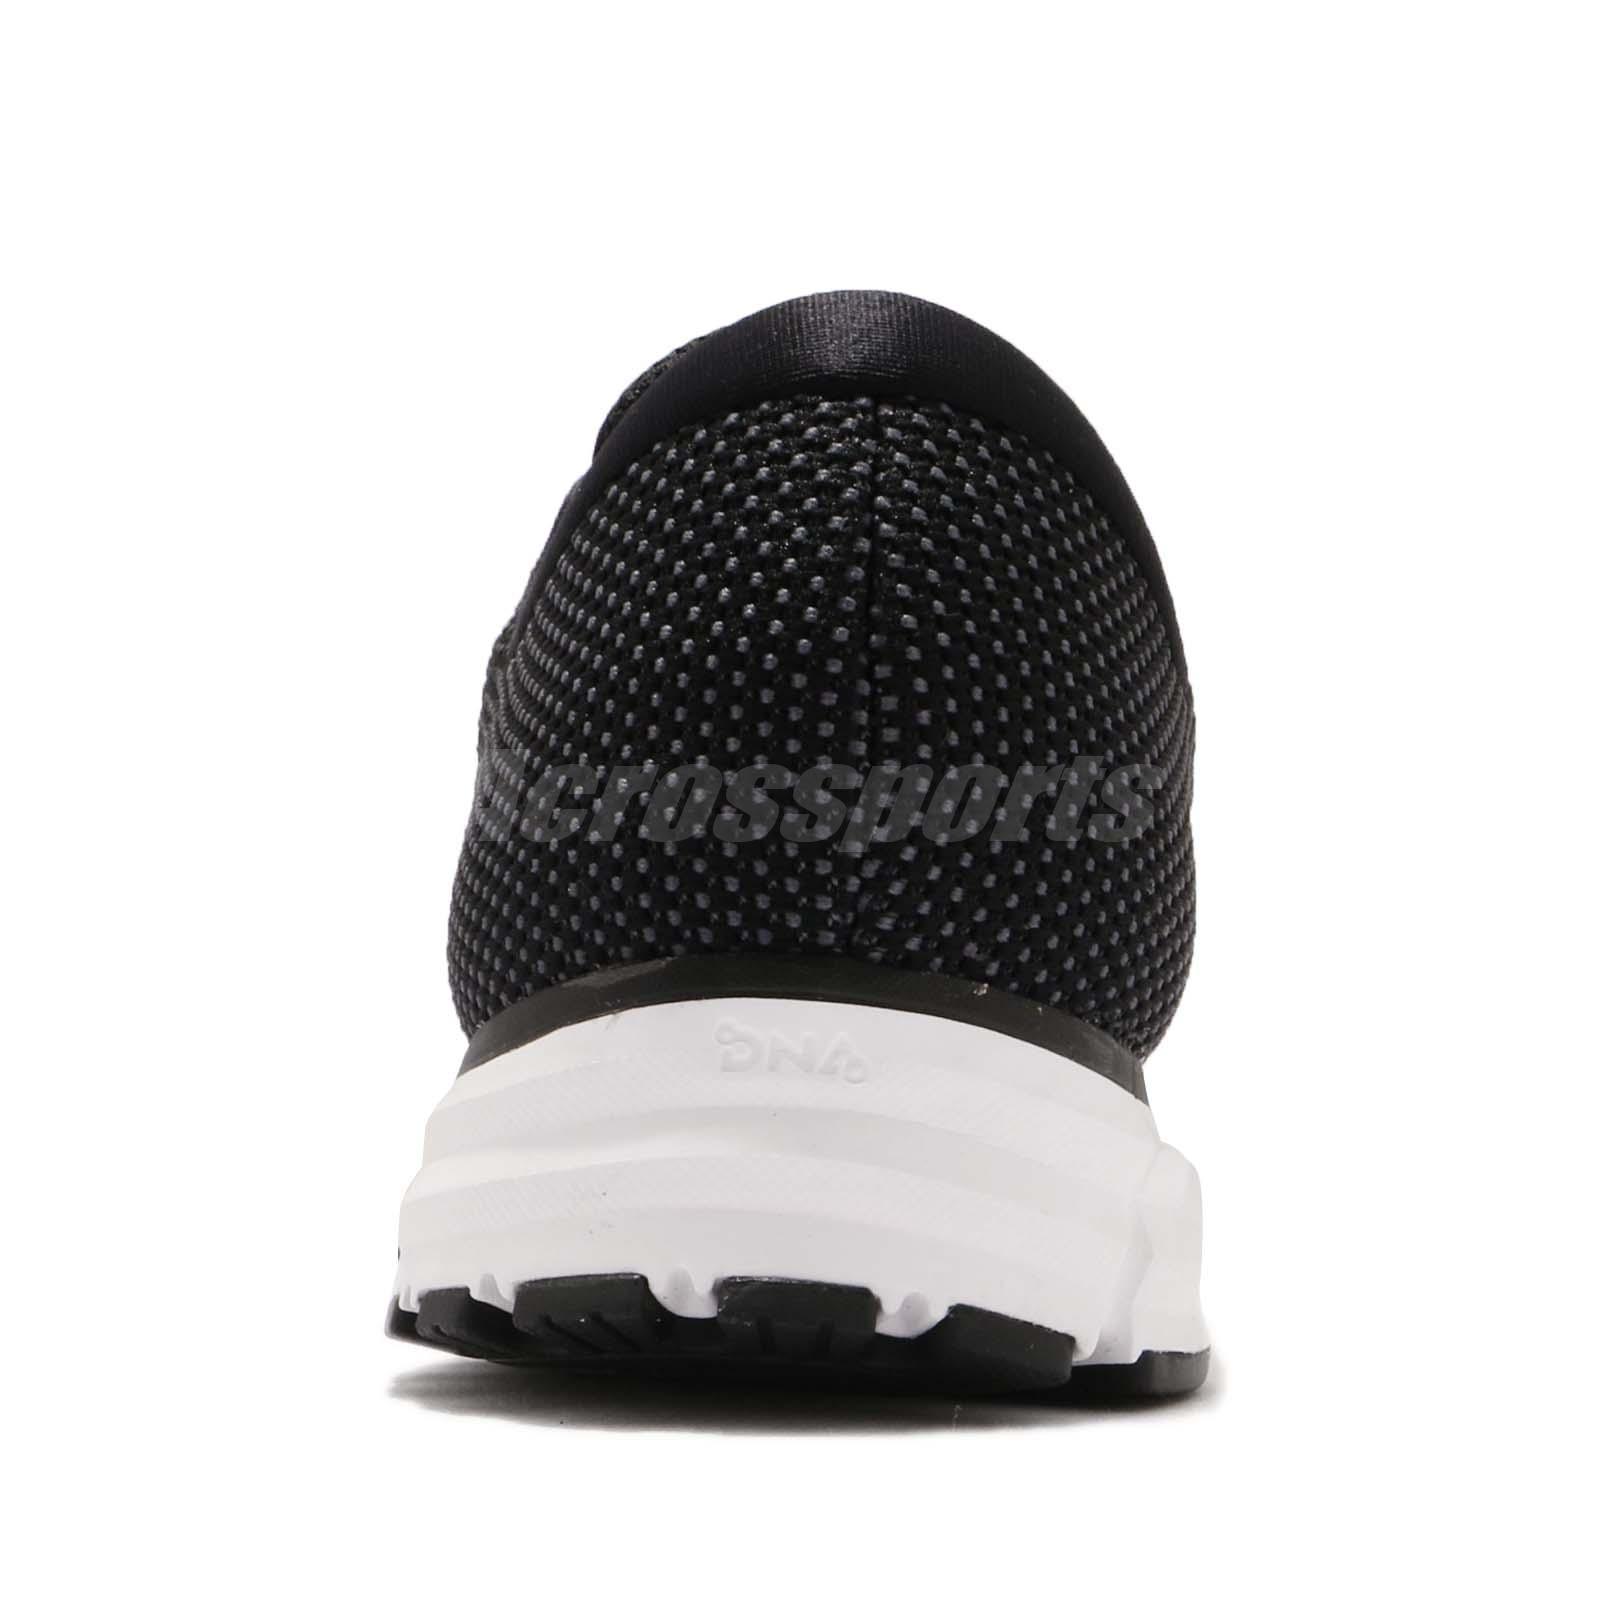 b4edc551565 Brooks Revel 2 Black Grey White Men Running Training Shoes Sneakers ...